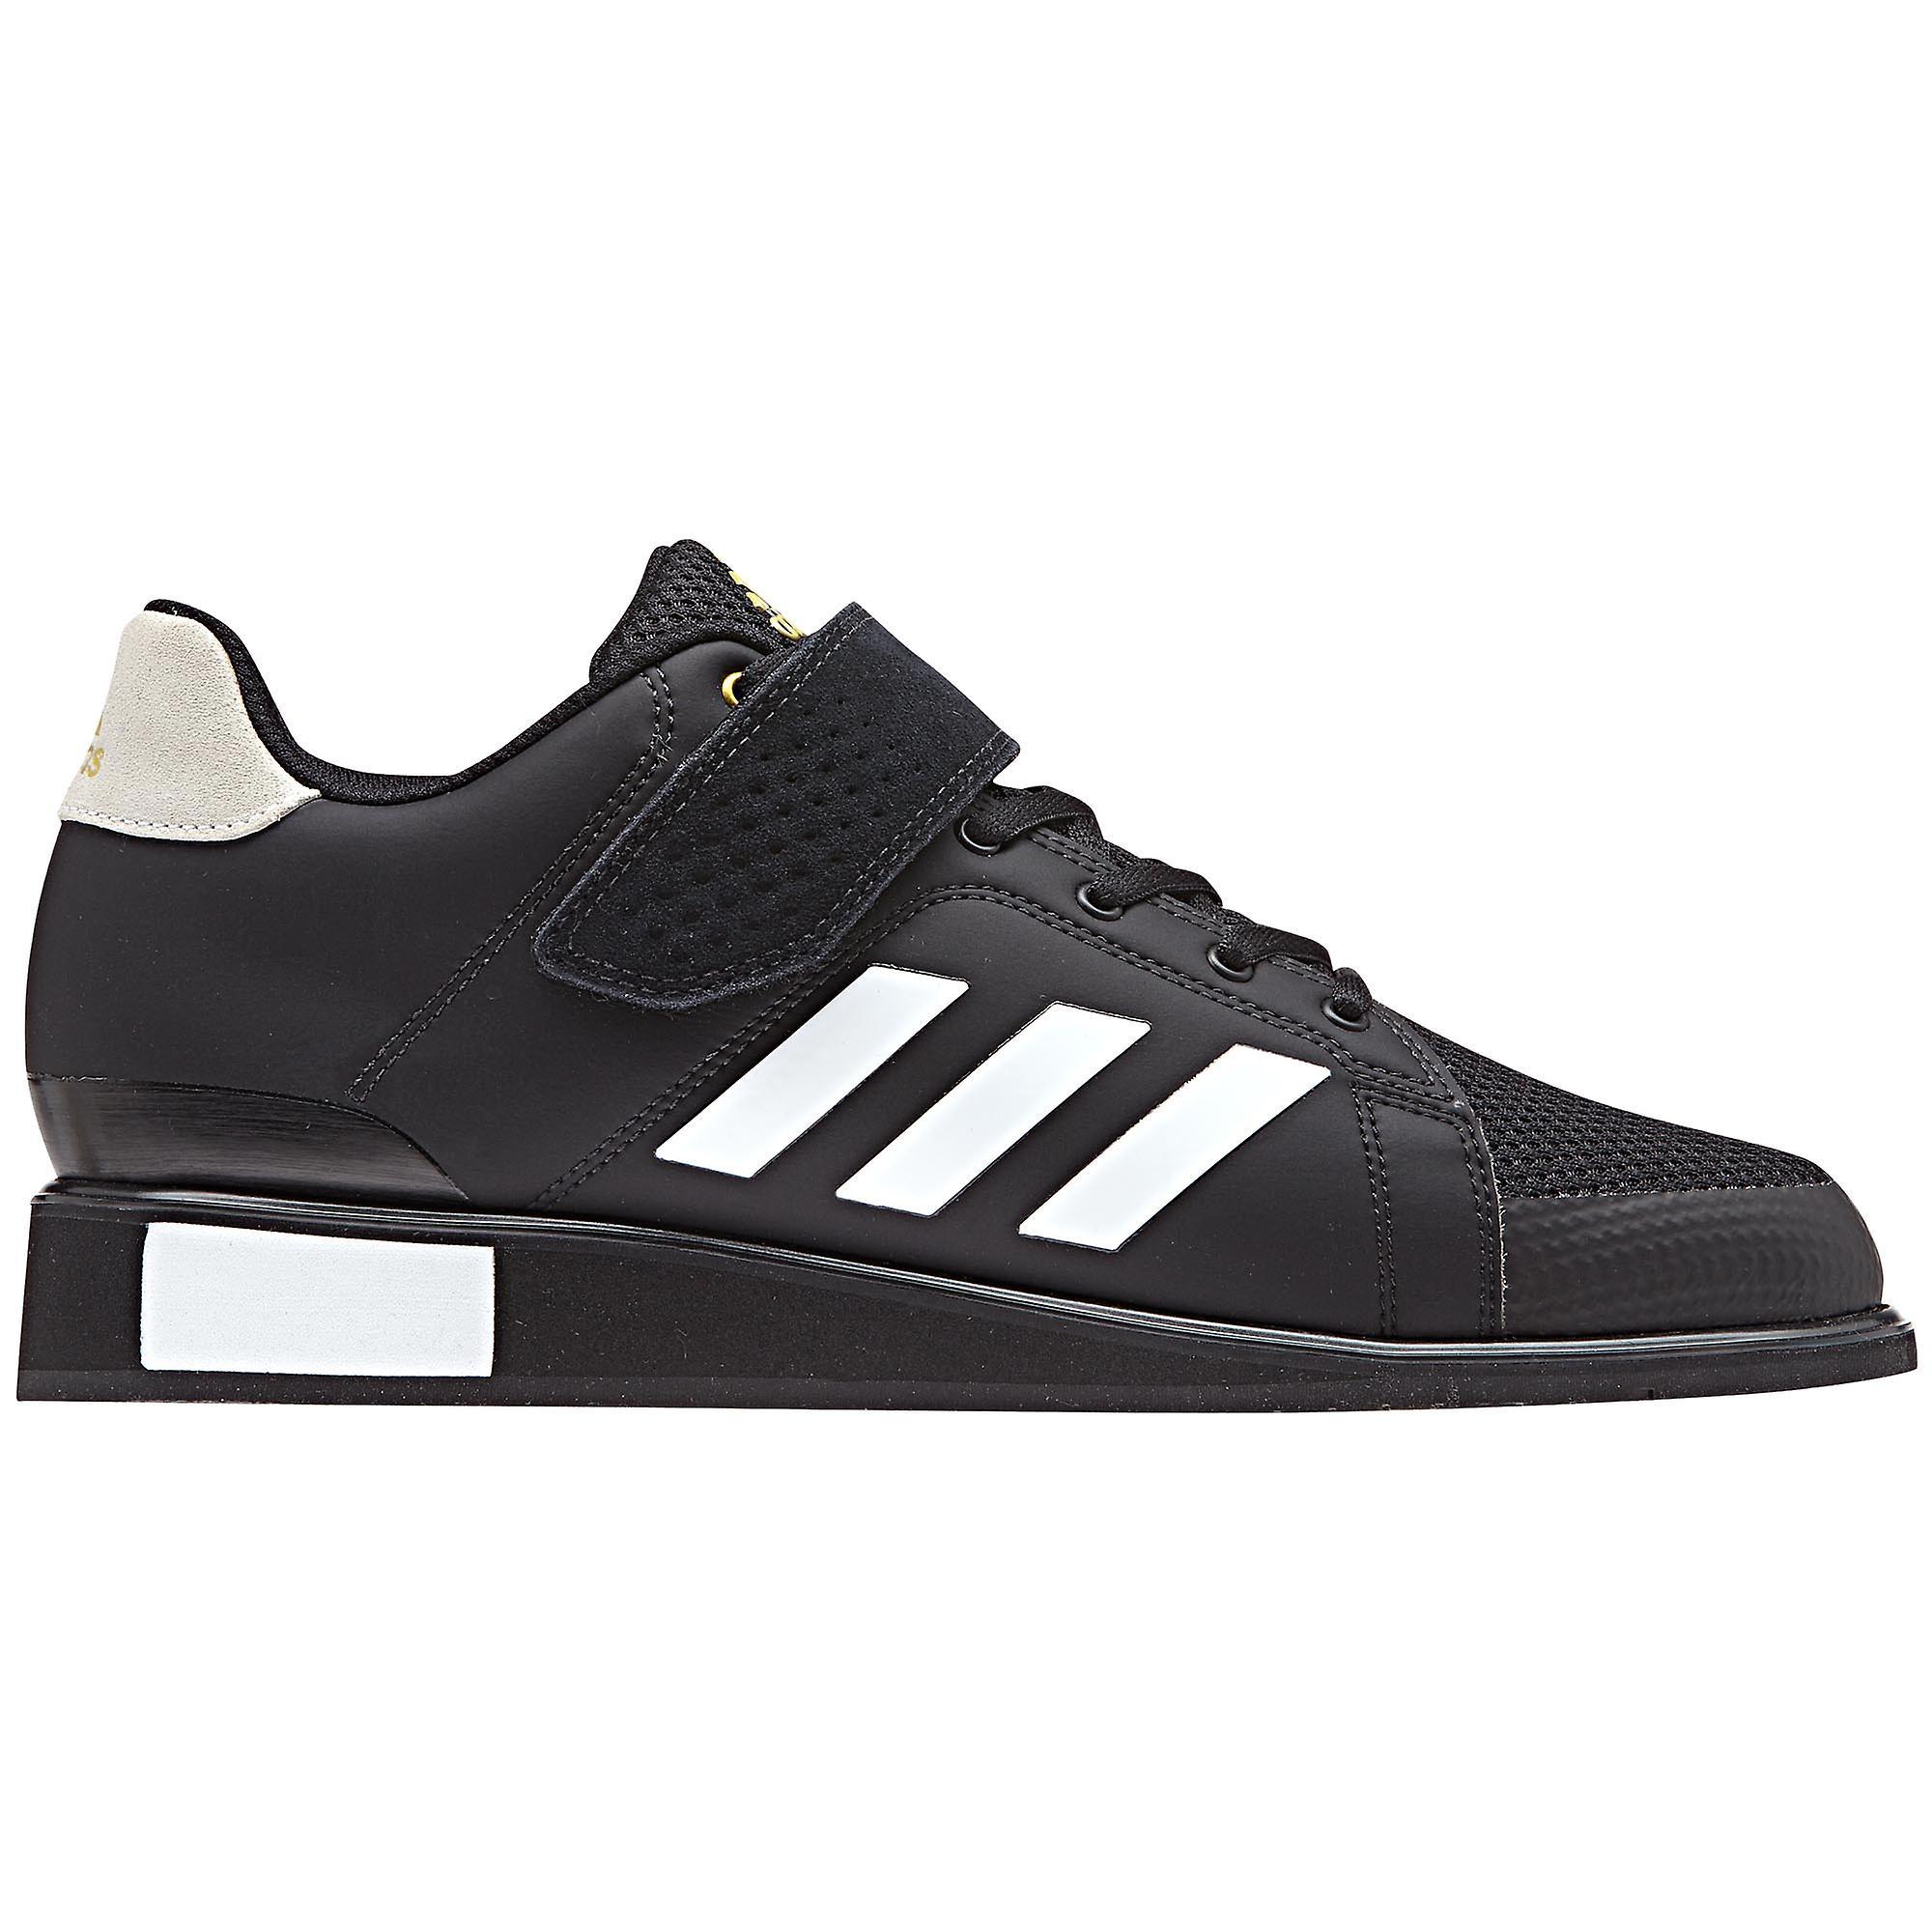 Adidas Power parfait III Mens adultes haltérophilie force athlétique chaussure noir blanc